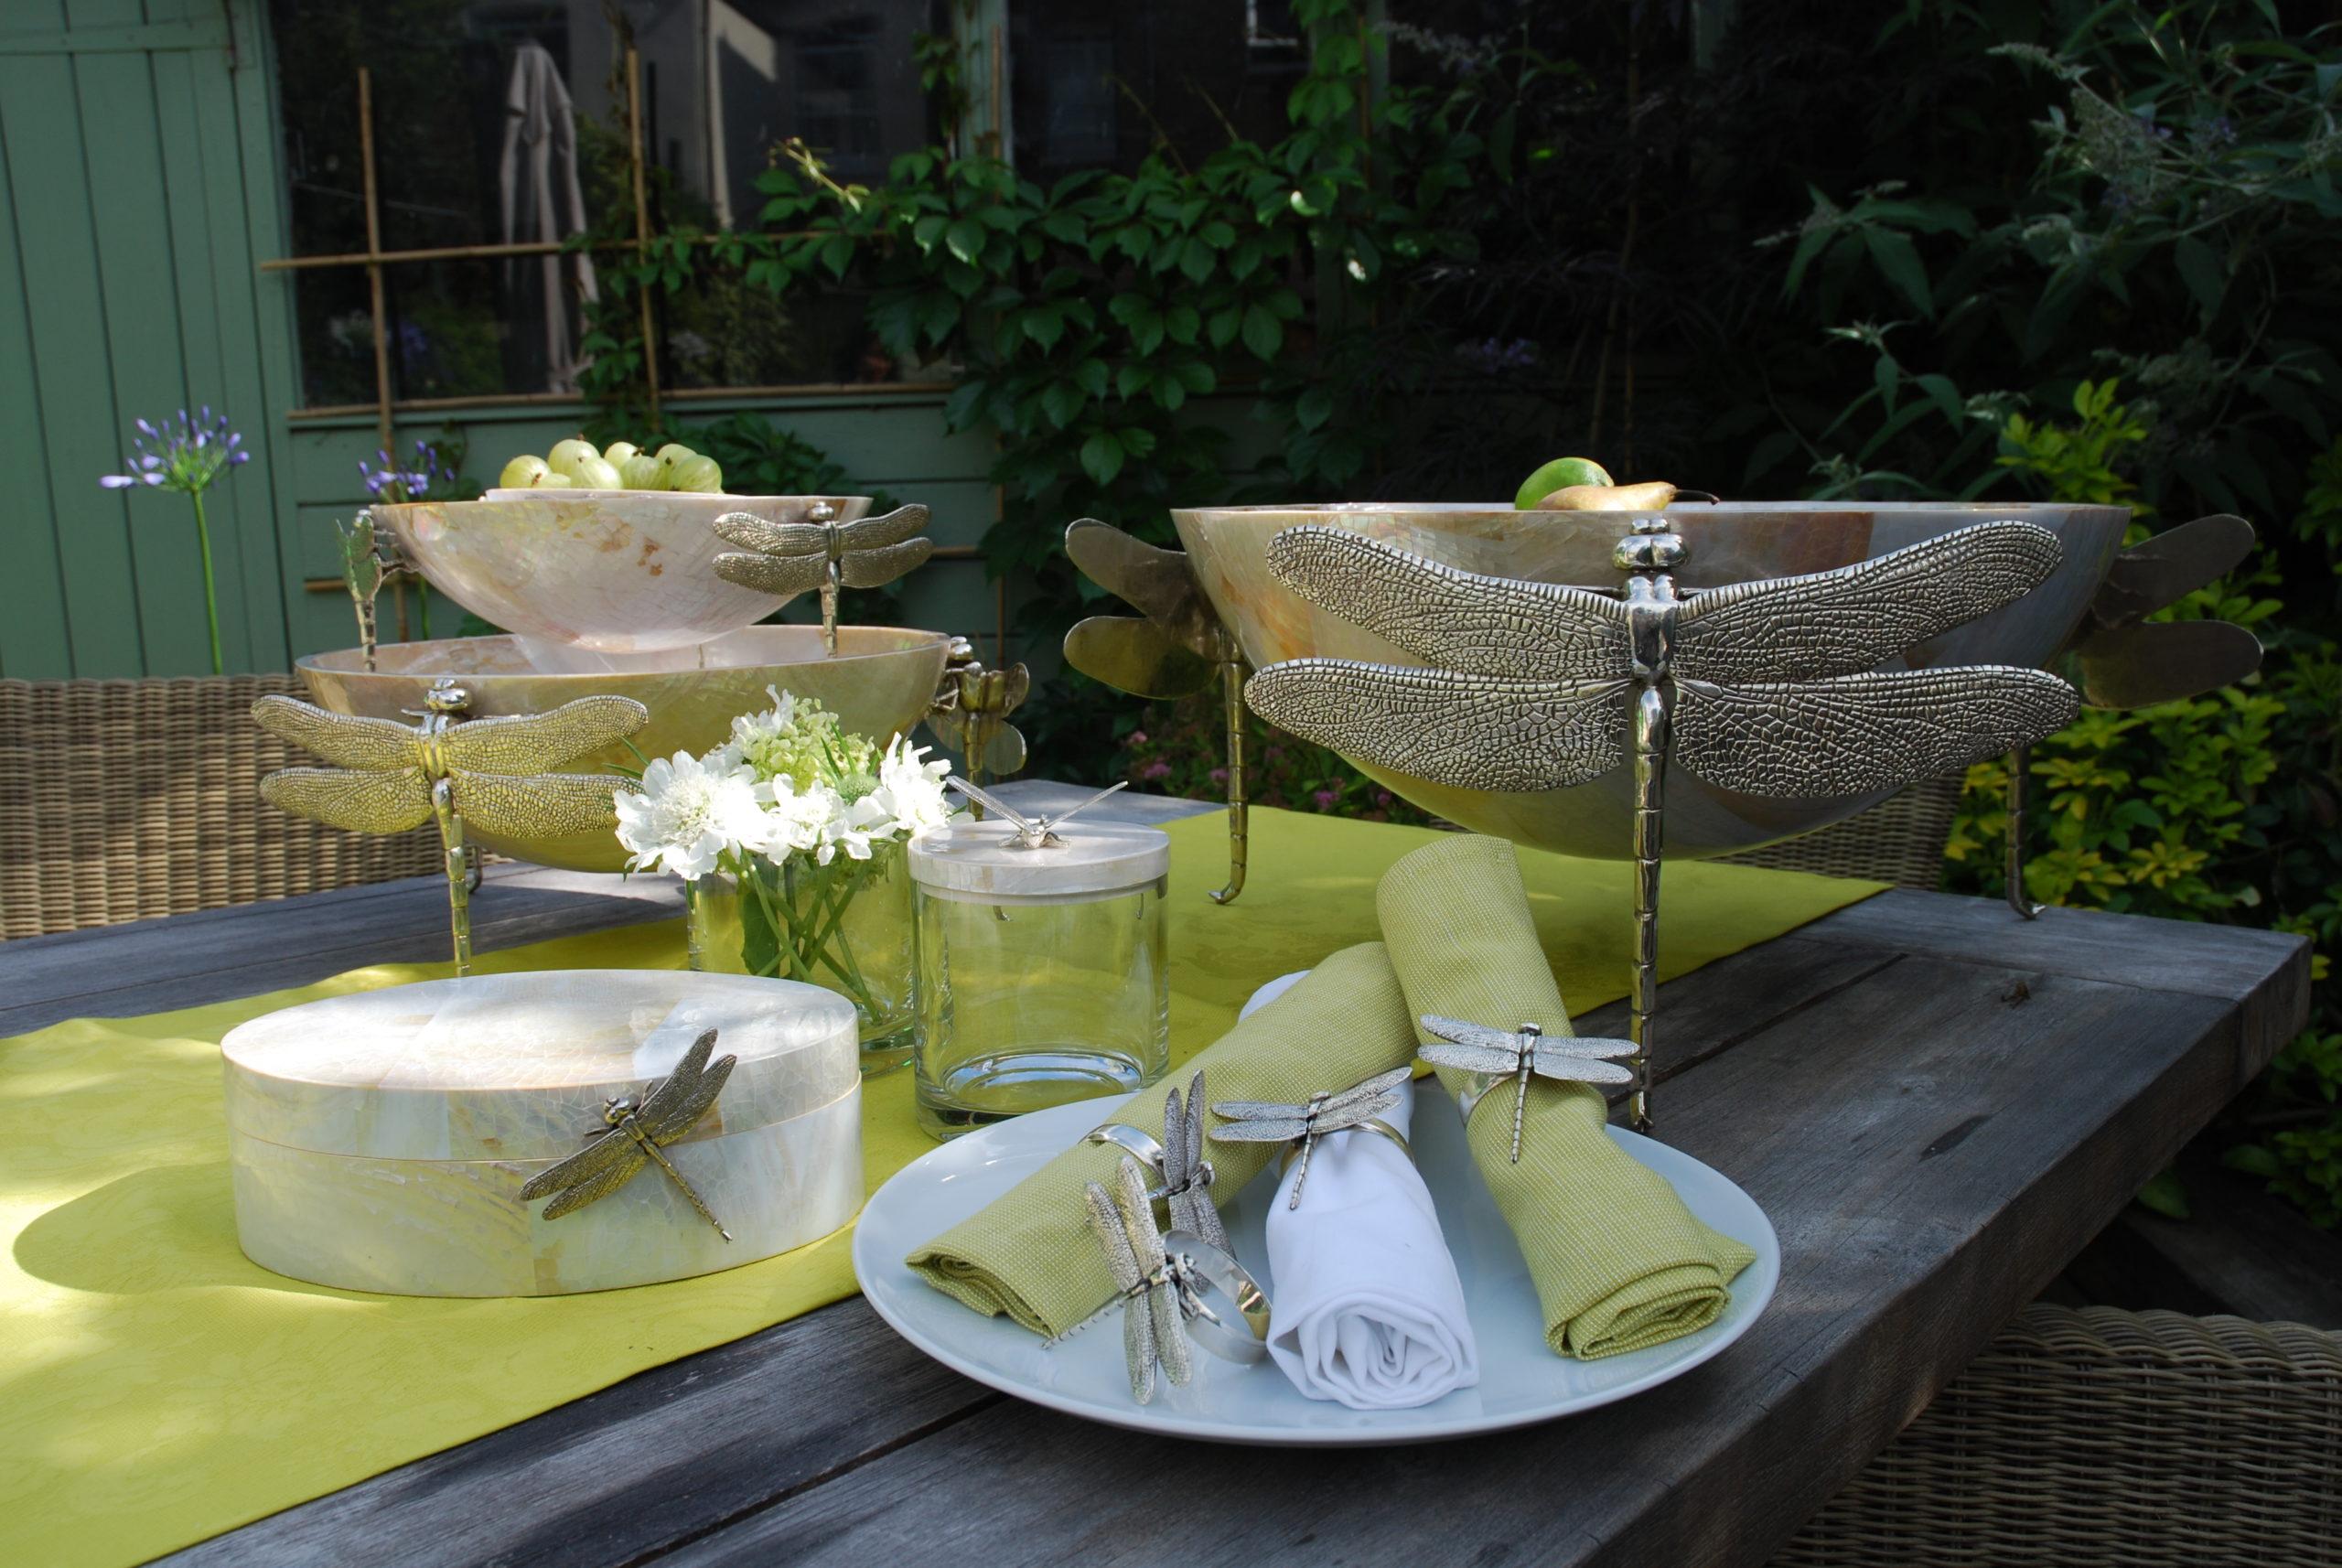 Decorative Bowls & Centre Pieces